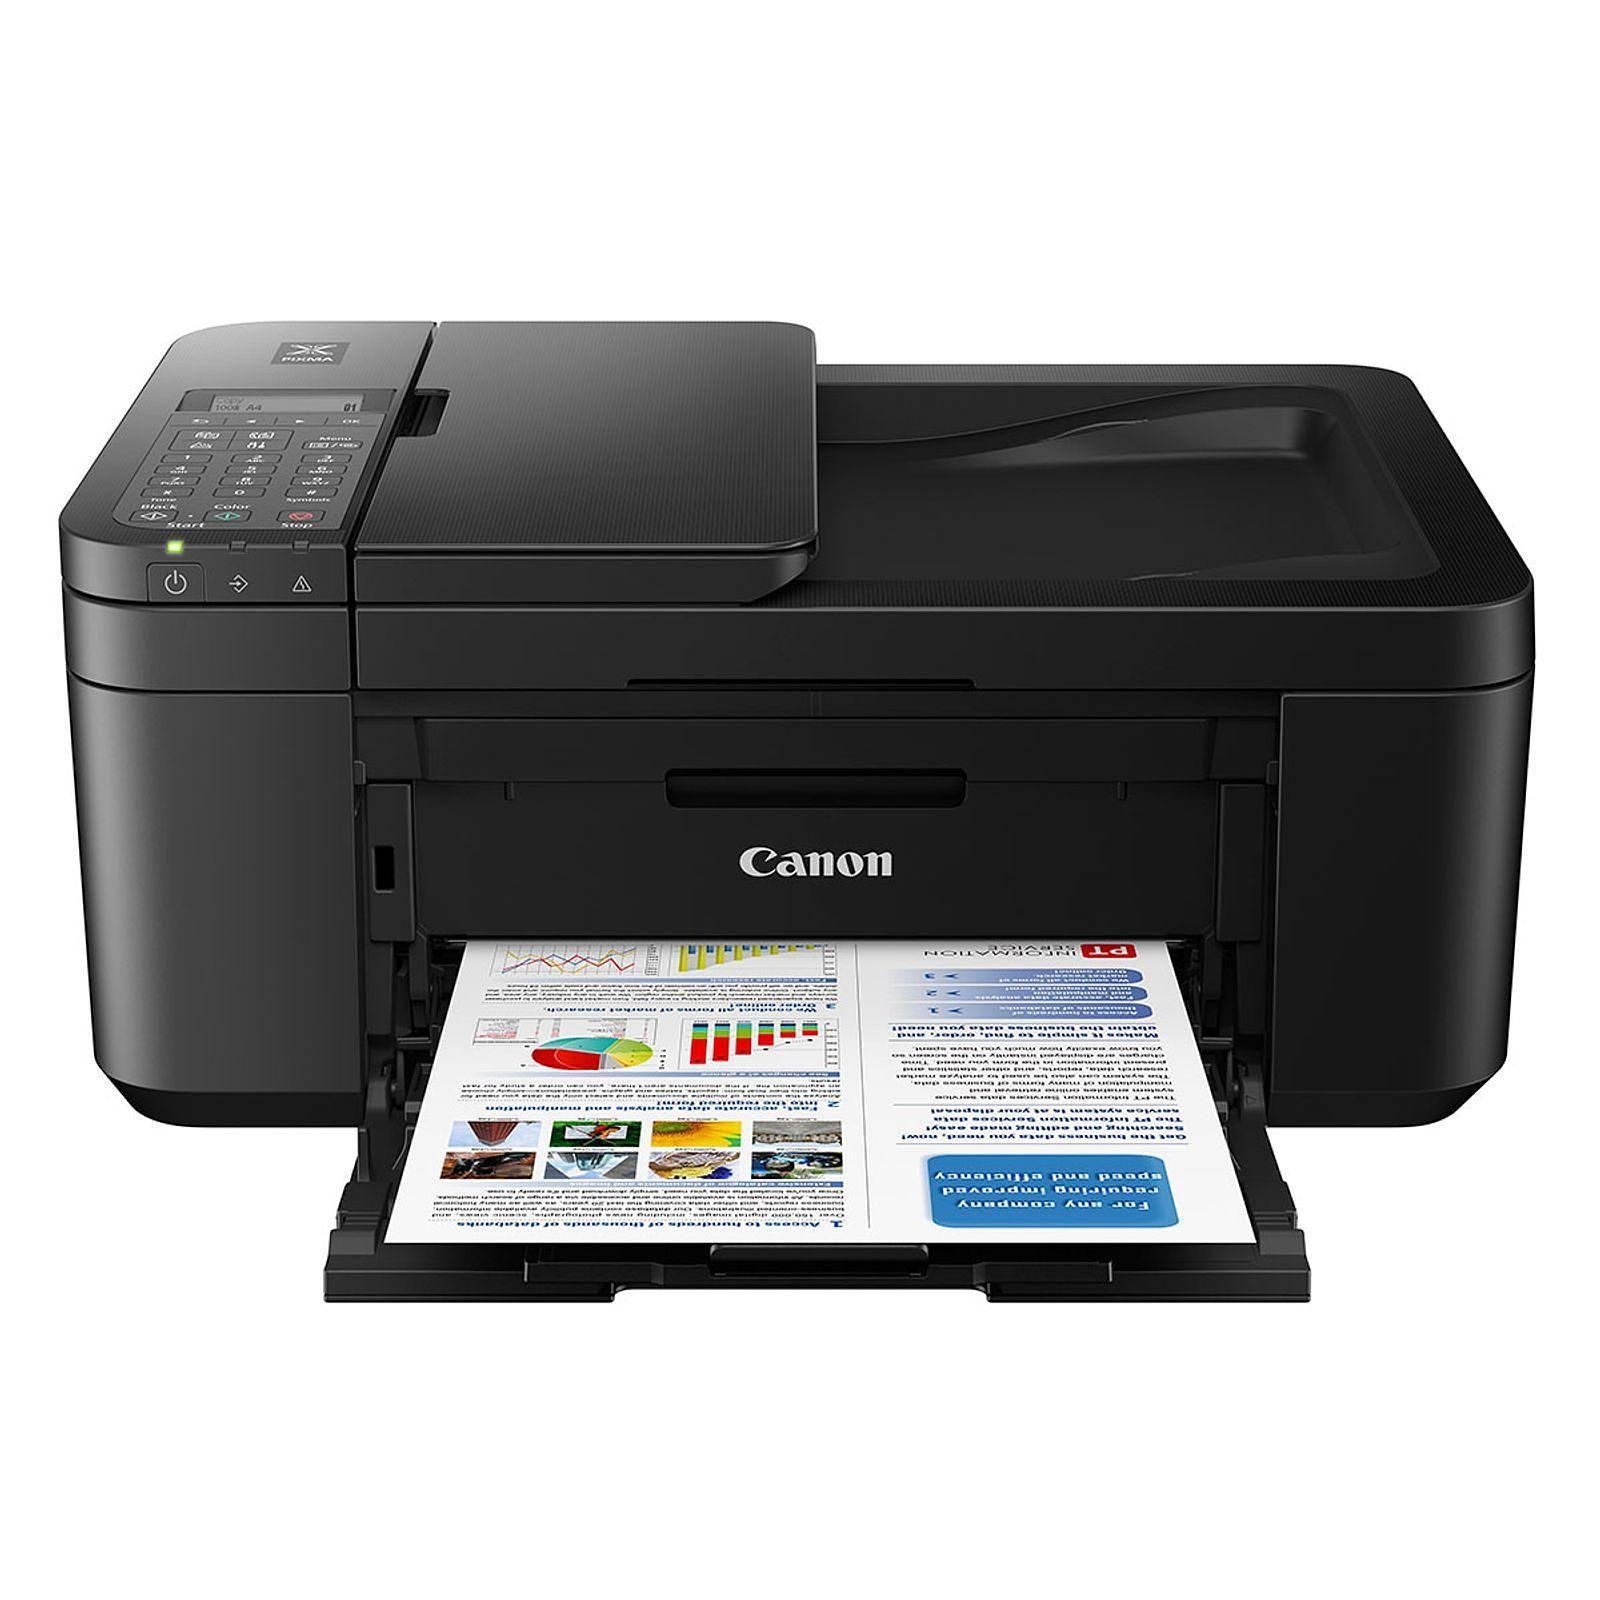 Imprimante multifonction Canon PIXMA TR4550 - Cybertek.fr - 1